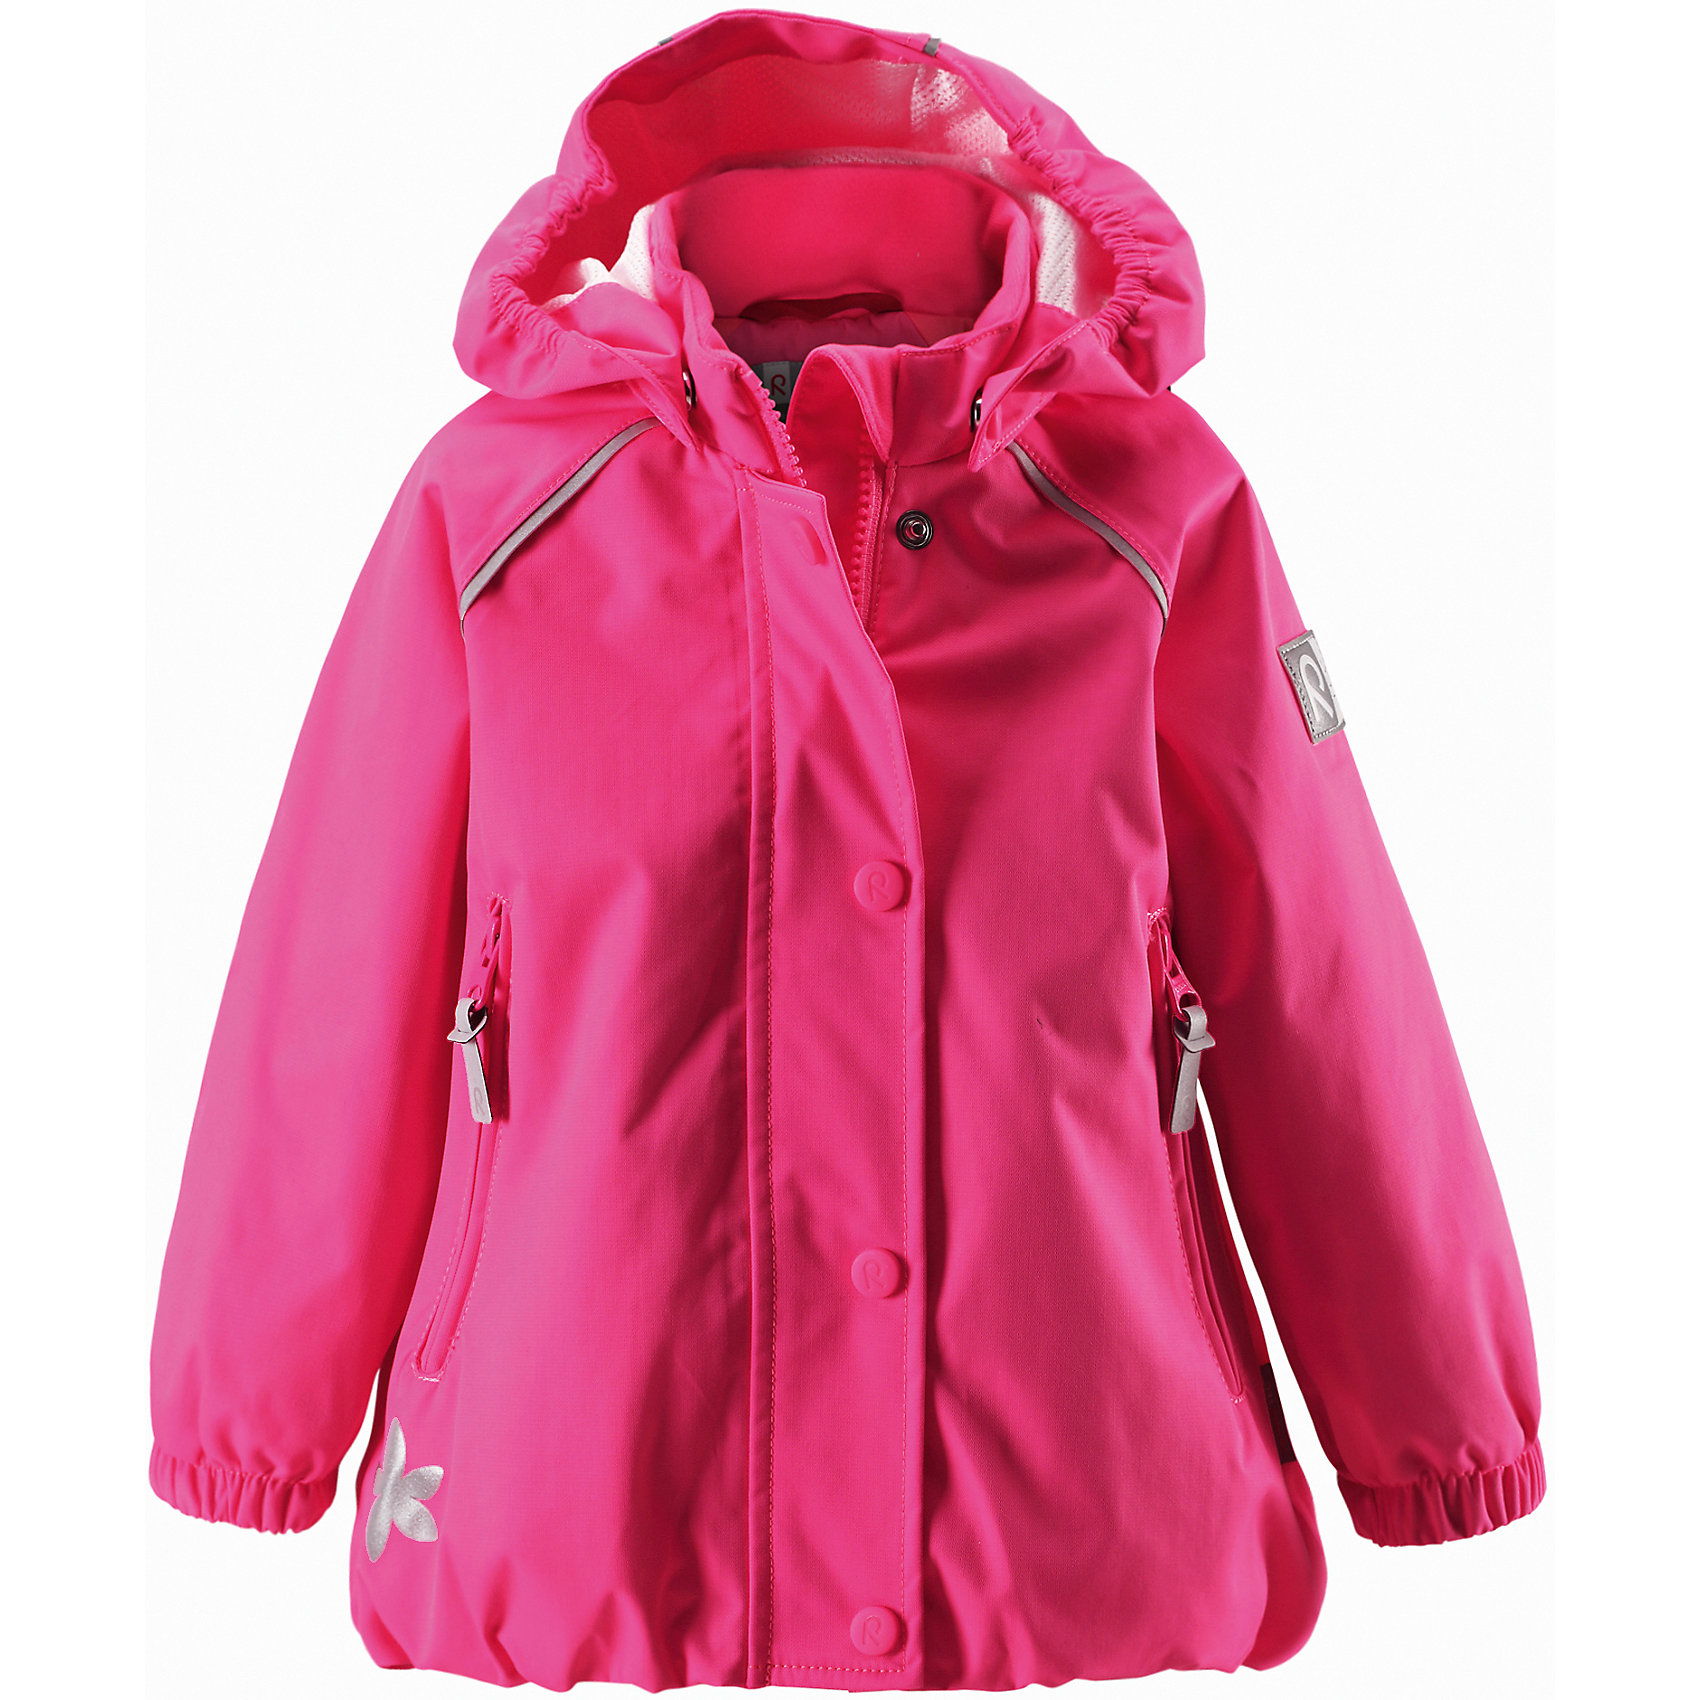 Куртка для девочки ReimaКуртка Reimatec от финской марки Reima.<br>*Куртка демисезонная для малышей*Все швы проклеены и водонепроницаемы*Водо- и ветронепроницаемый, «дышащий» и грязеотталкивающий материал*Подкладка из mesh-сетки*Безопасный, съемный капюшон*Регулируемый подол*Два кармана на молнии*Безопасные светоотражающие детали<br>Состав:<br>100% ПА, ПУ-покрытие<br><br>Ширина мм: 356<br>Глубина мм: 10<br>Высота мм: 245<br>Вес г: 519<br>Цвет: розовый<br>Возраст от месяцев: 6<br>Возраст до месяцев: 9<br>Пол: Женский<br>Возраст: Детский<br>Размер: 74,98,86,80,92<br>SKU: 4631338